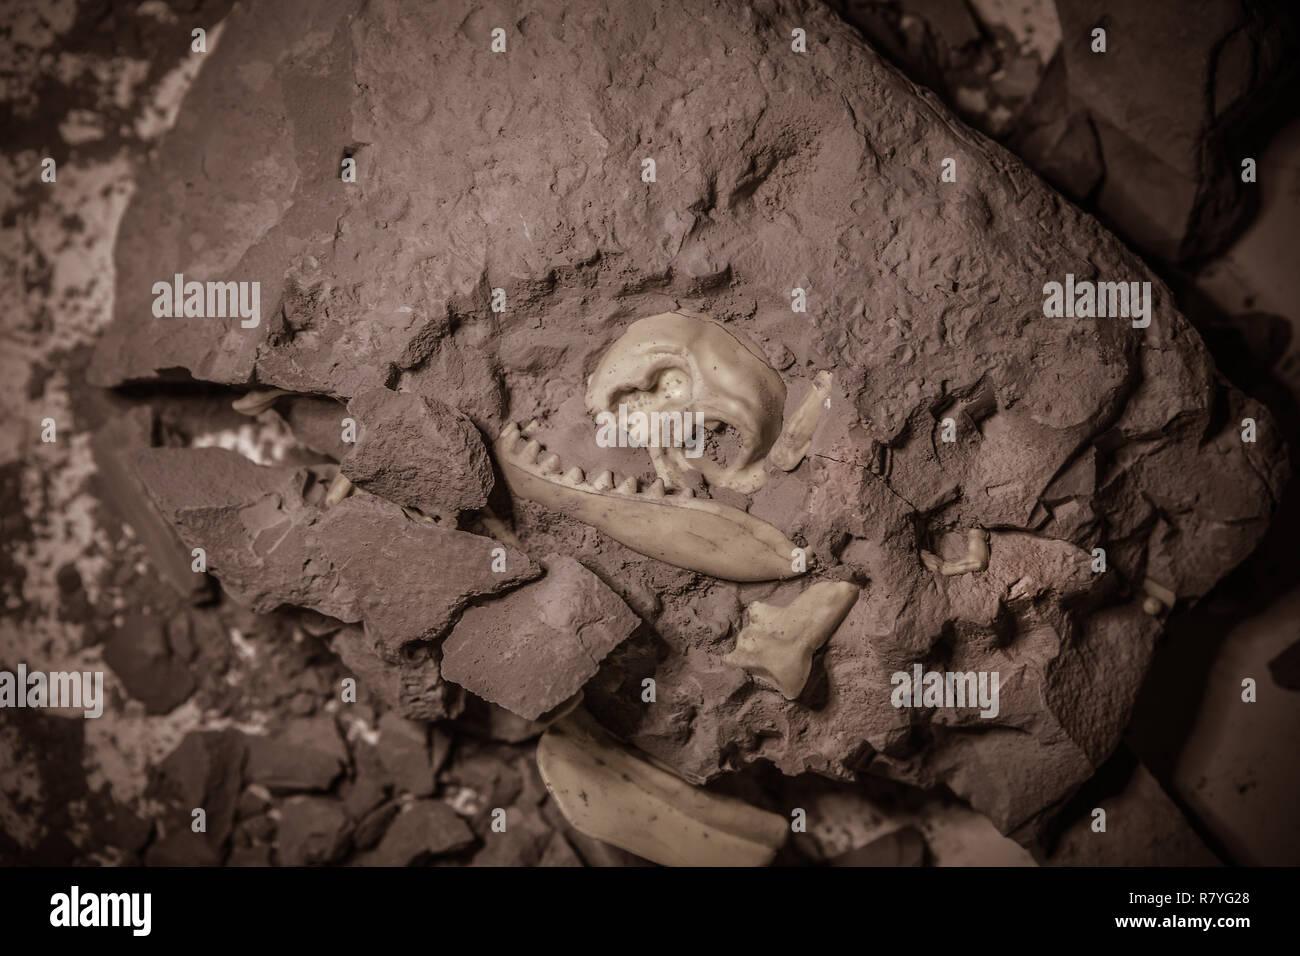 Fósiles de dinosaurios de la época jurásica, excavaciones paleontológicas Imagen De Stock